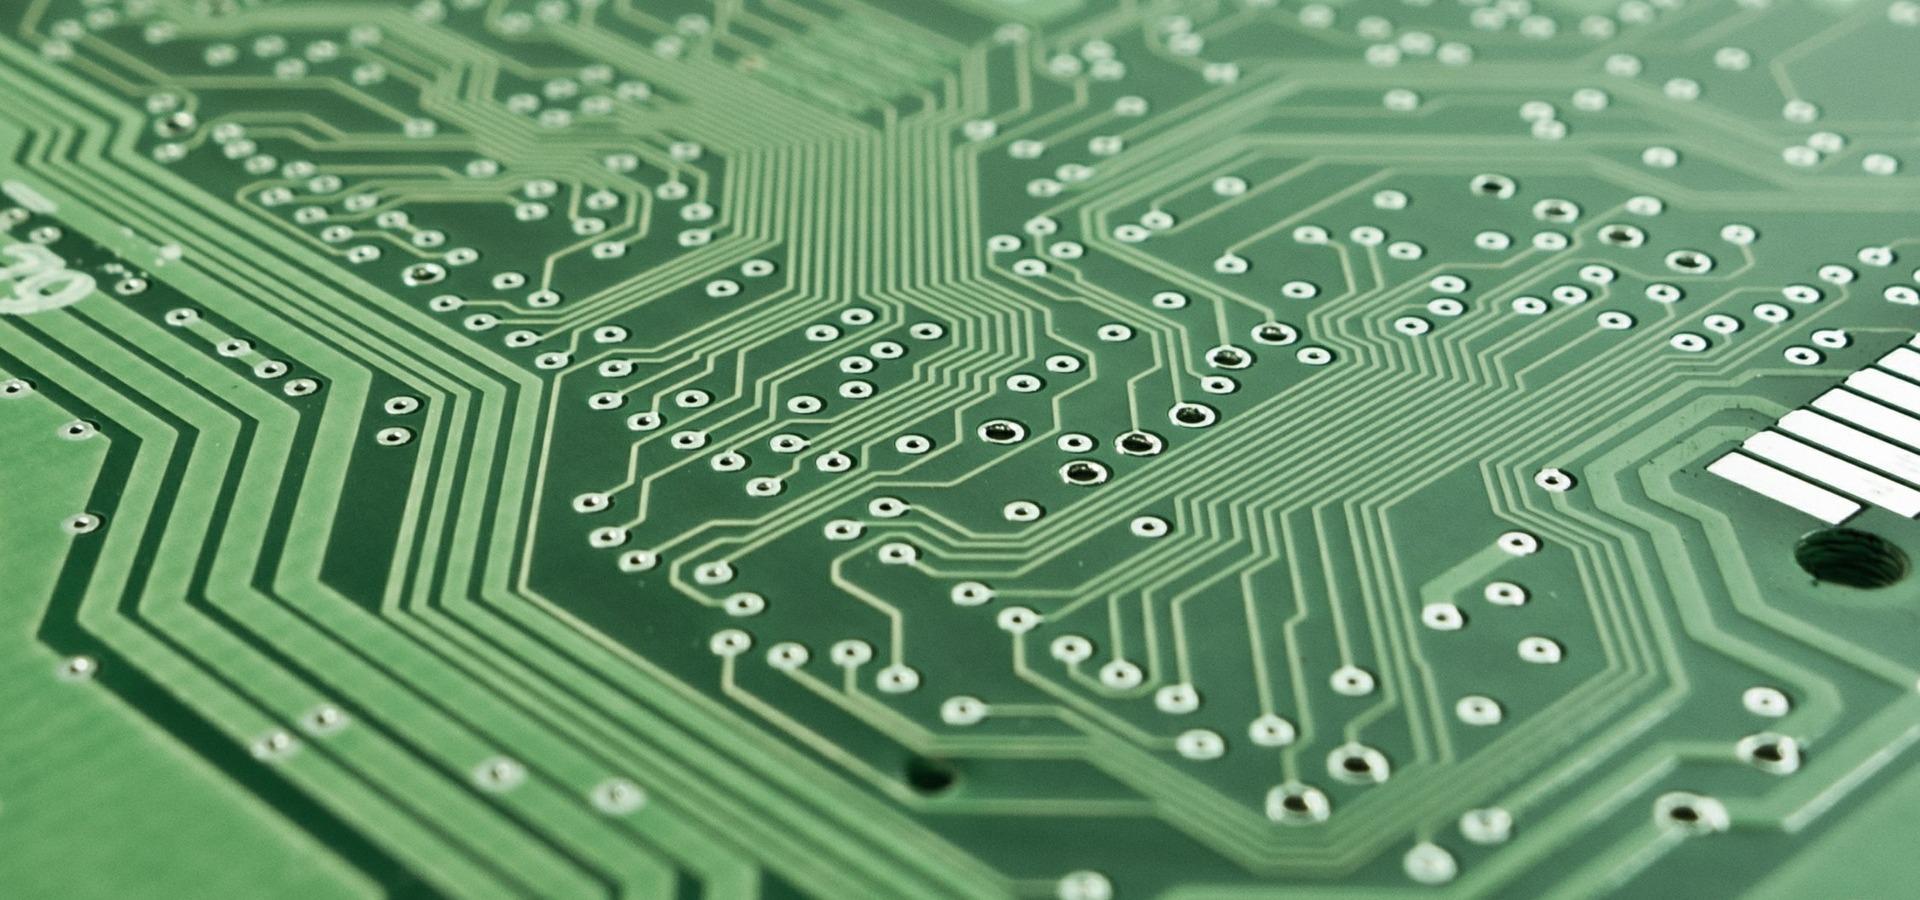 UŁ komentuje: Czy przyszłość informatyki jest kwantowa?